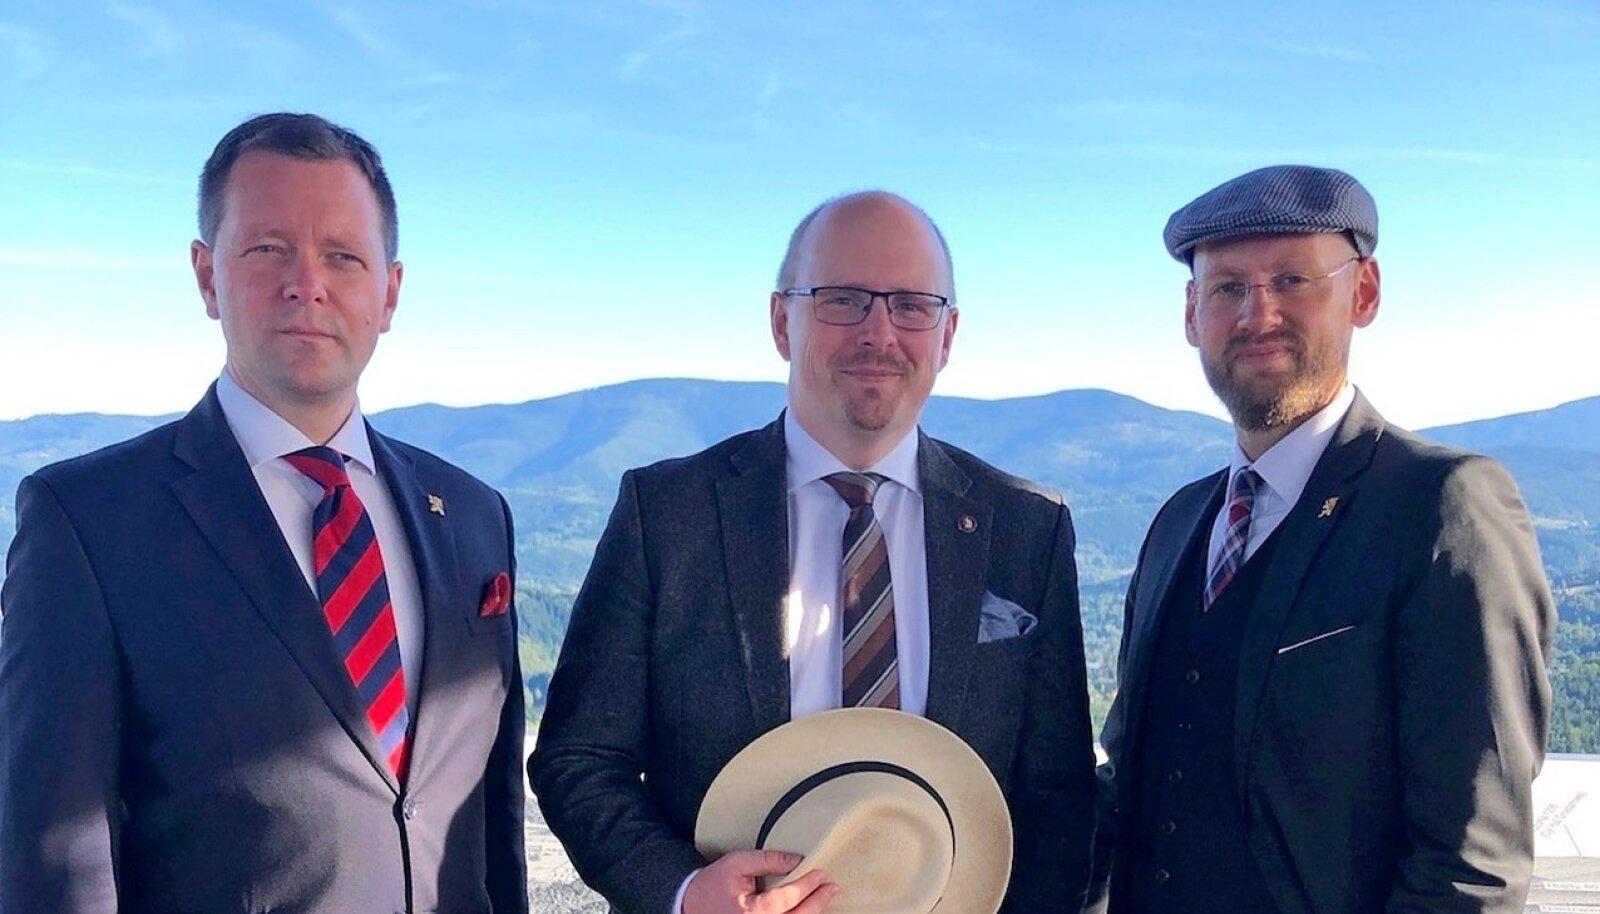 ÜHISHUVI: Ordo Iuirise laiendamine Eestisse lepiti kokku 2019. aasta septembris, kui Varro Vooglaid (paremal) ja Markus Järvi (vasakul) Poolas Kwaśniewskil külas käisid.